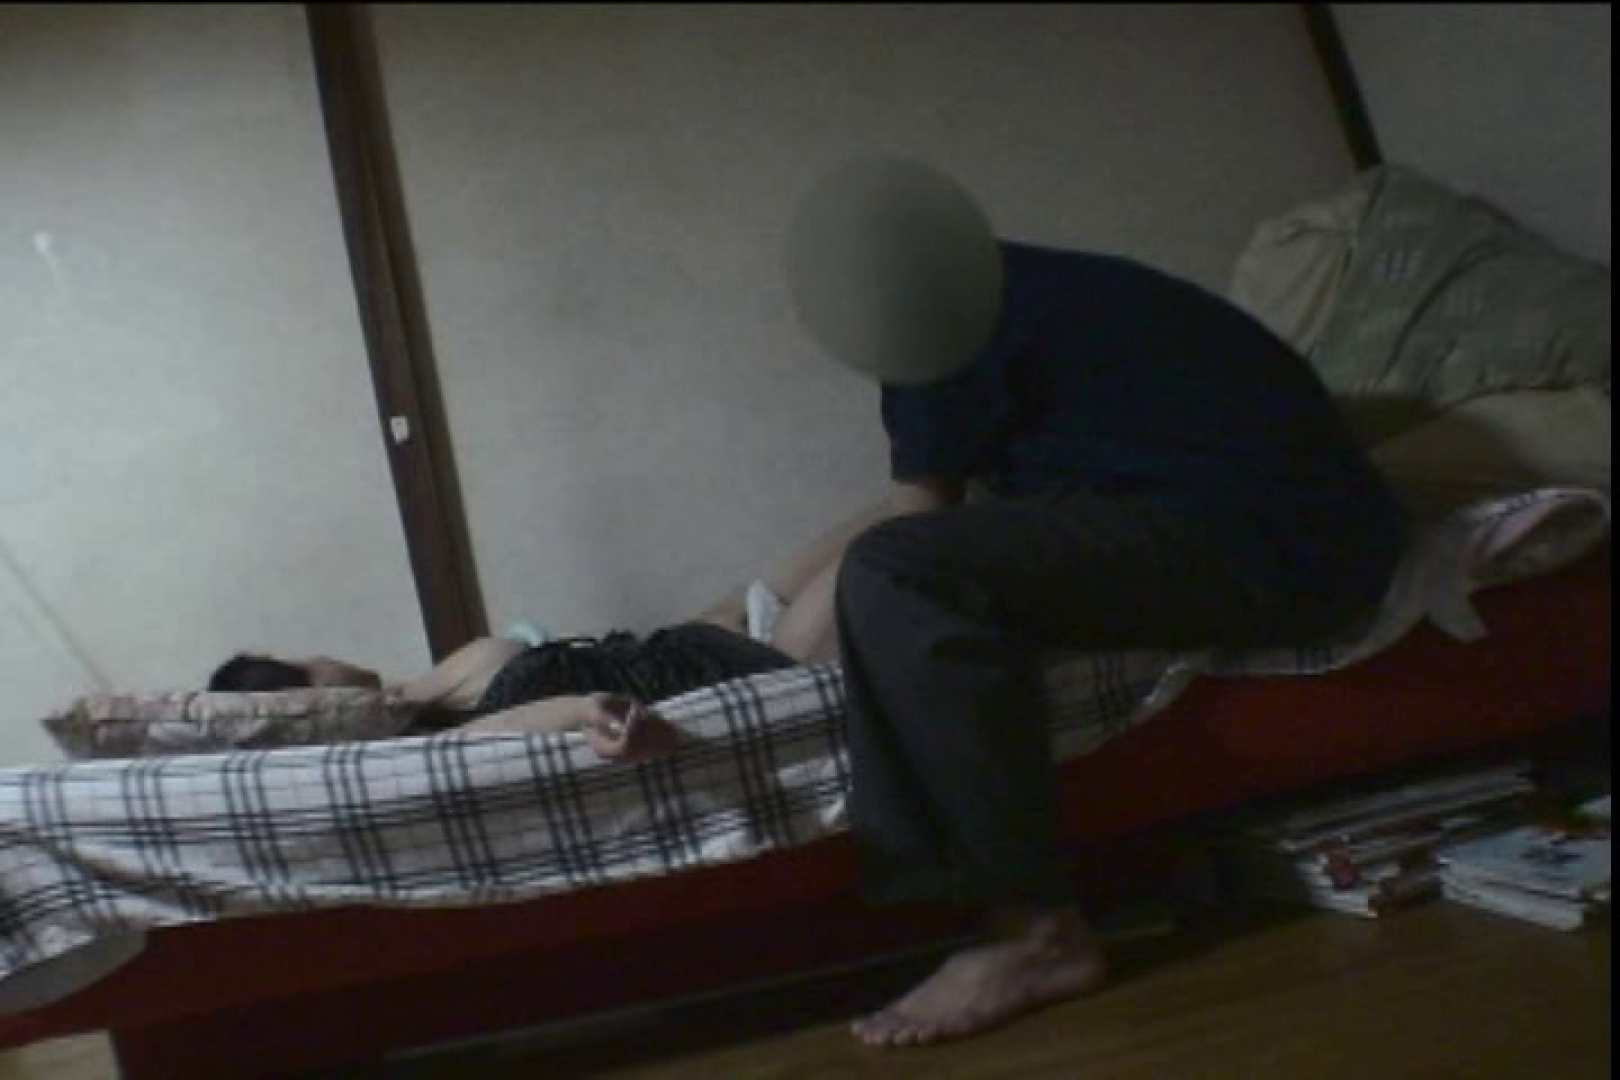 れる泥酔女5 盗撮動画  11枚 6